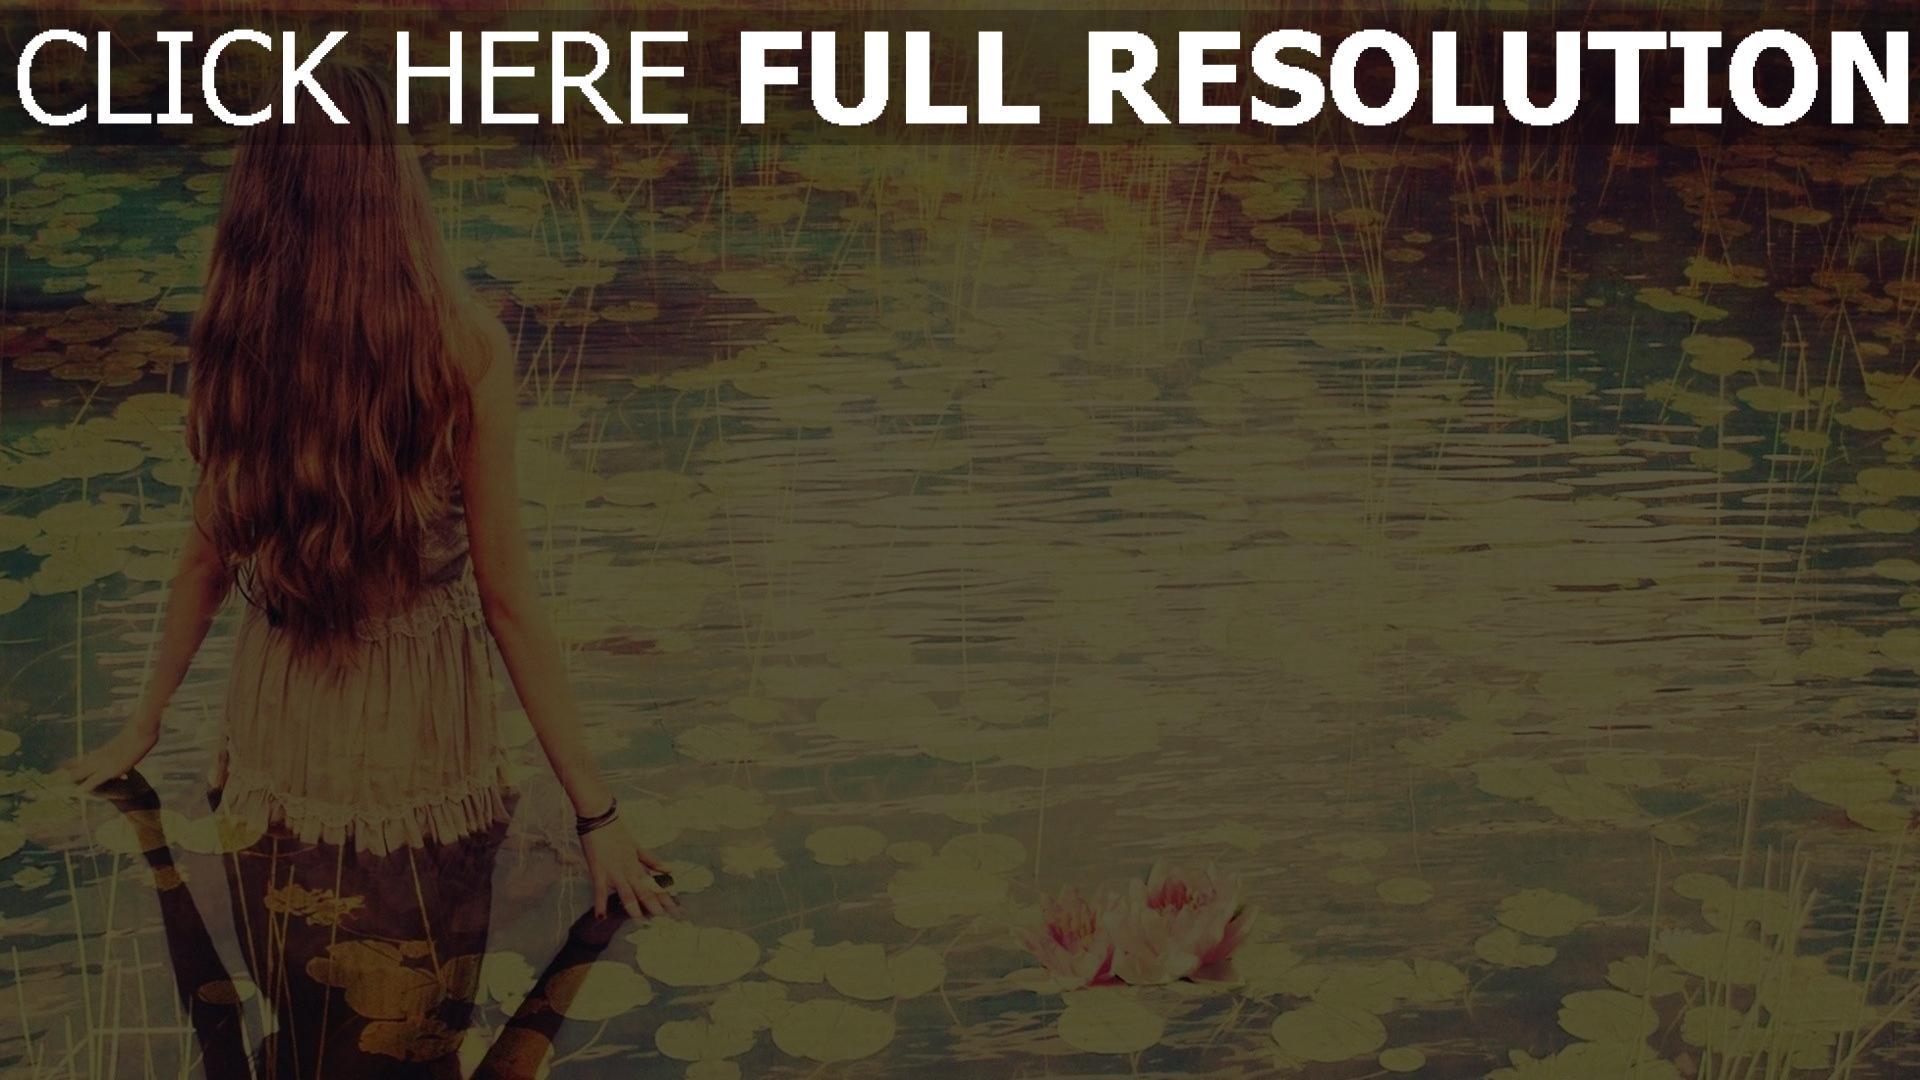 Herunterladen 1920x1080 Full Hd Hintergrundbilder Mädchen Wasser